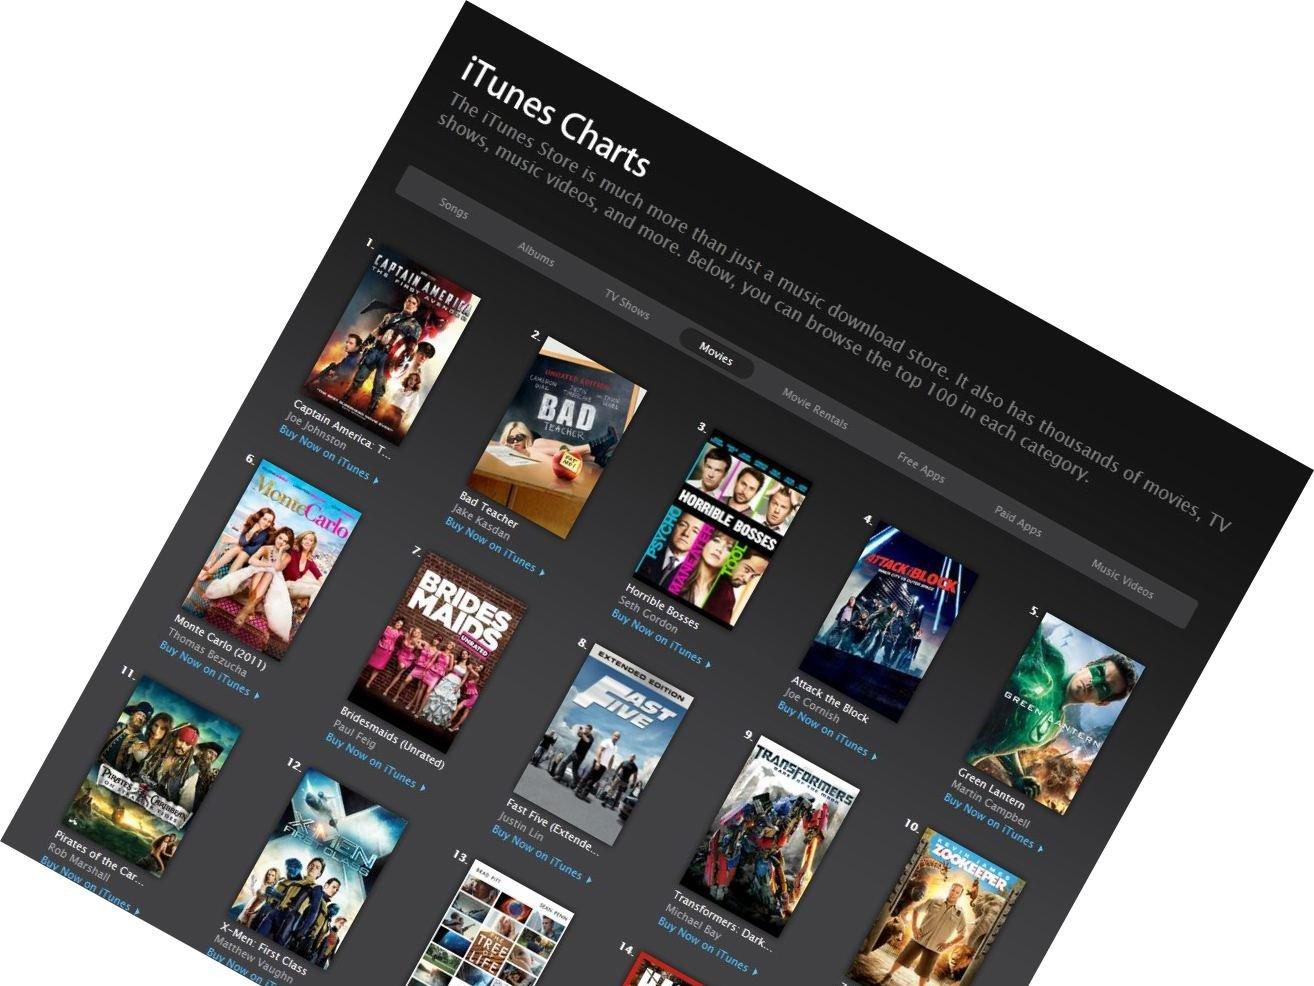 Det finnes flere programmer som fikser jobben med å fjerne kopibeskyttelsen på iTunes-filmer.